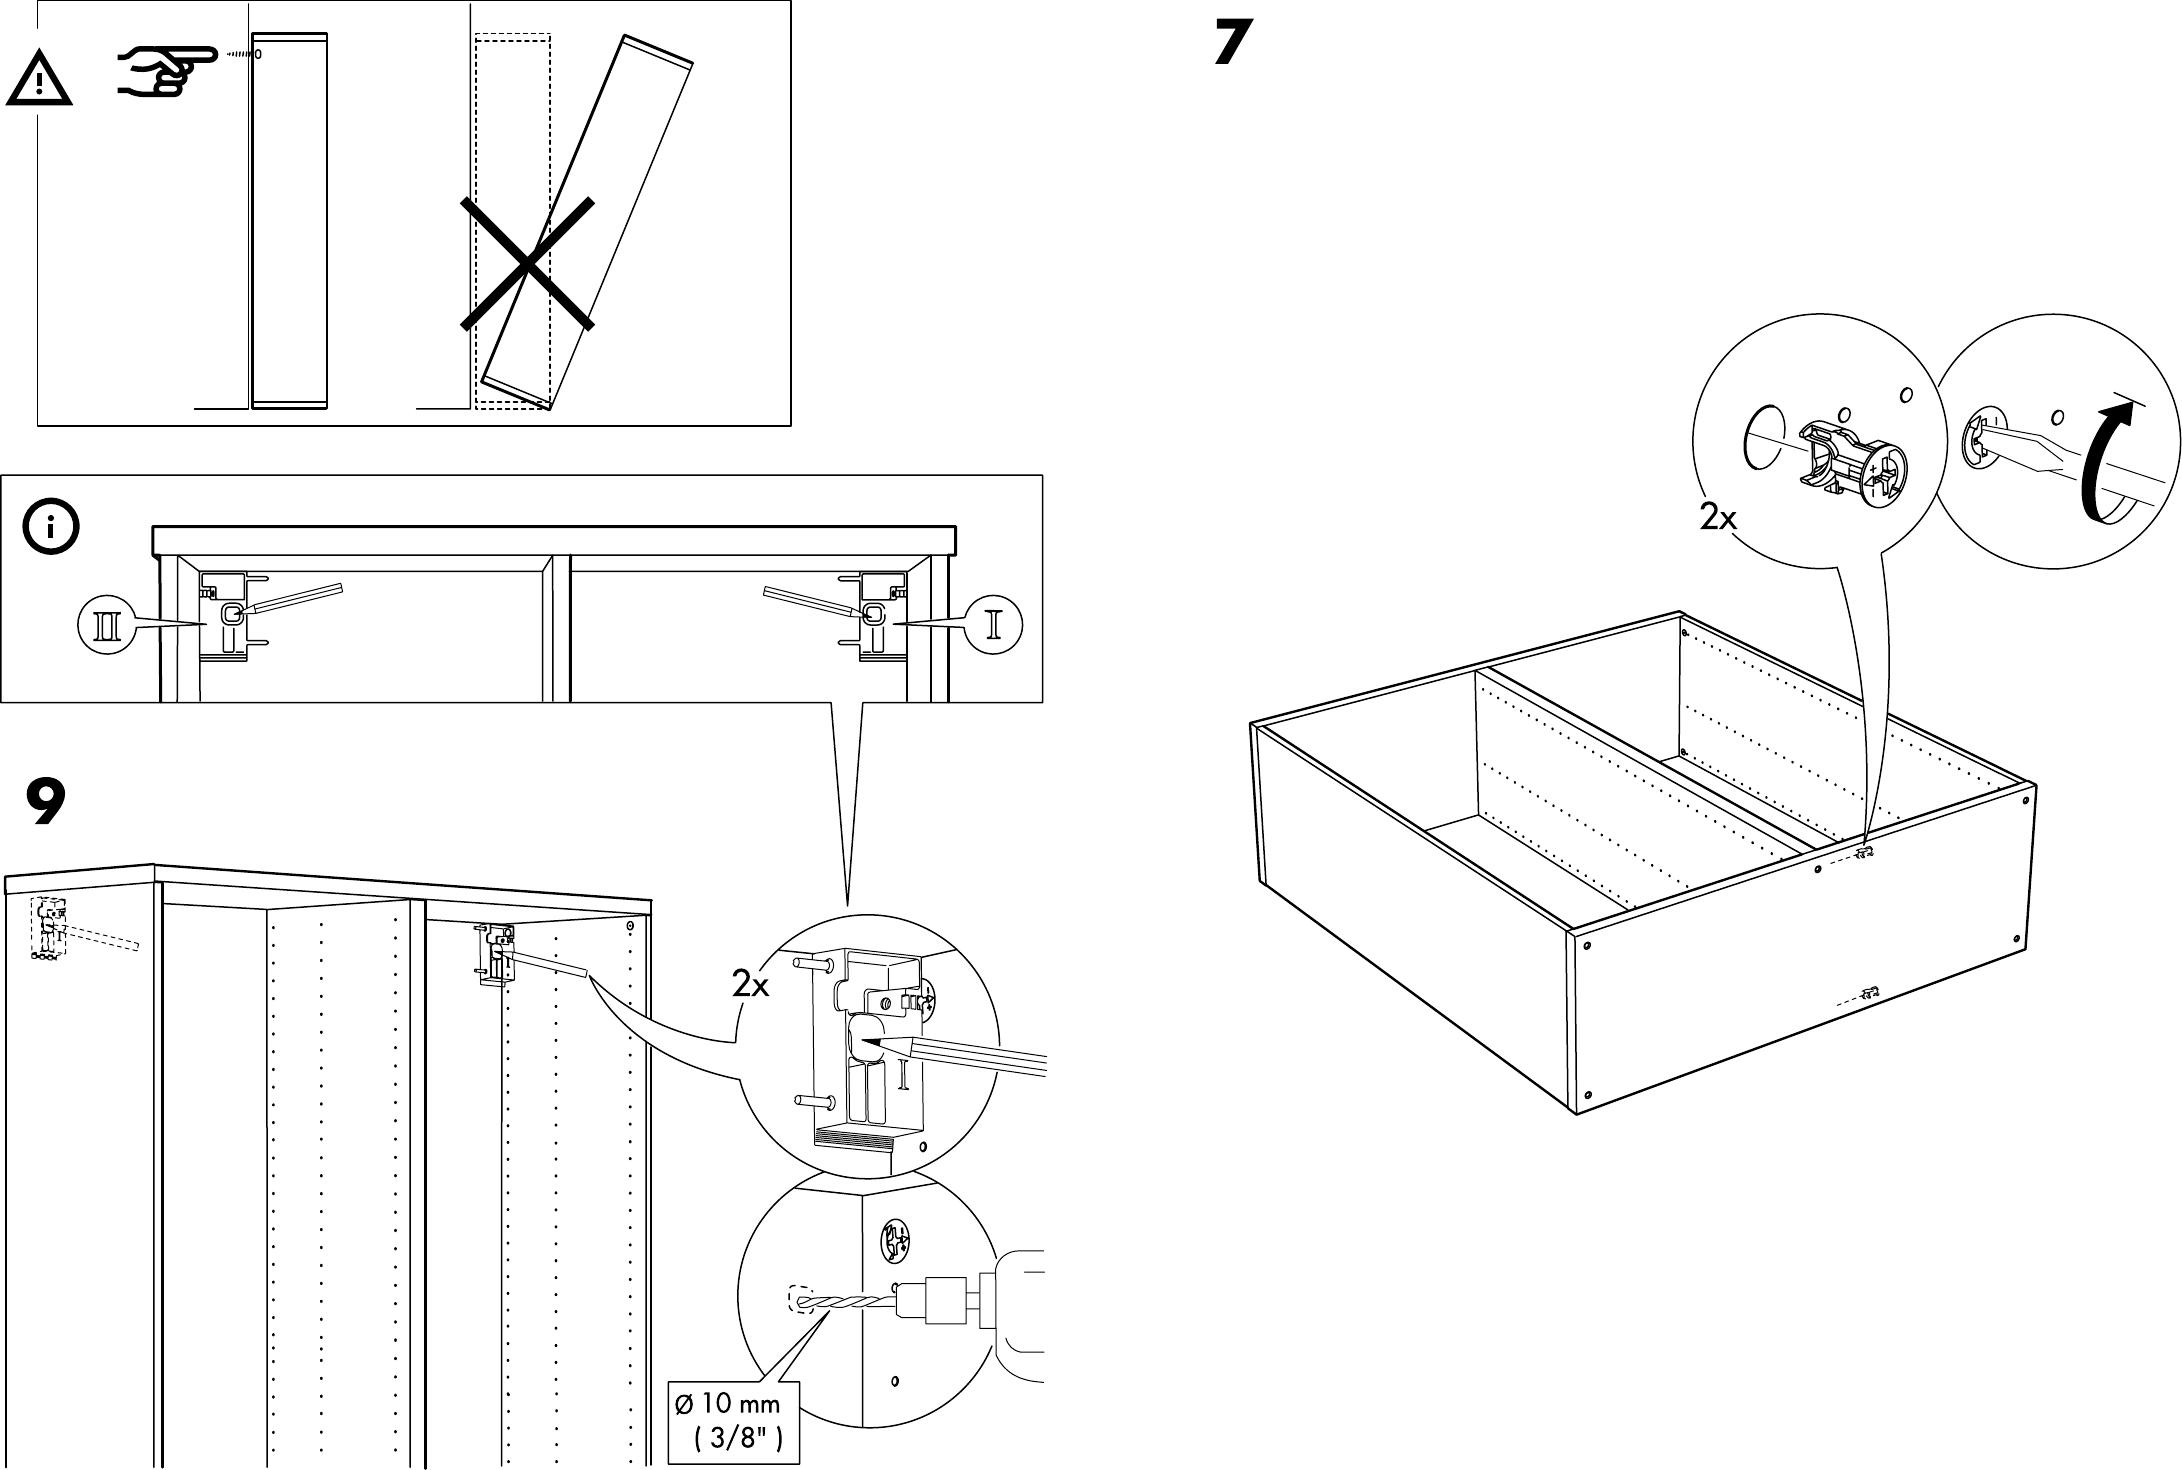 Handleiding Ikea Besta Kast Pagina 8 Van 10 Dansk